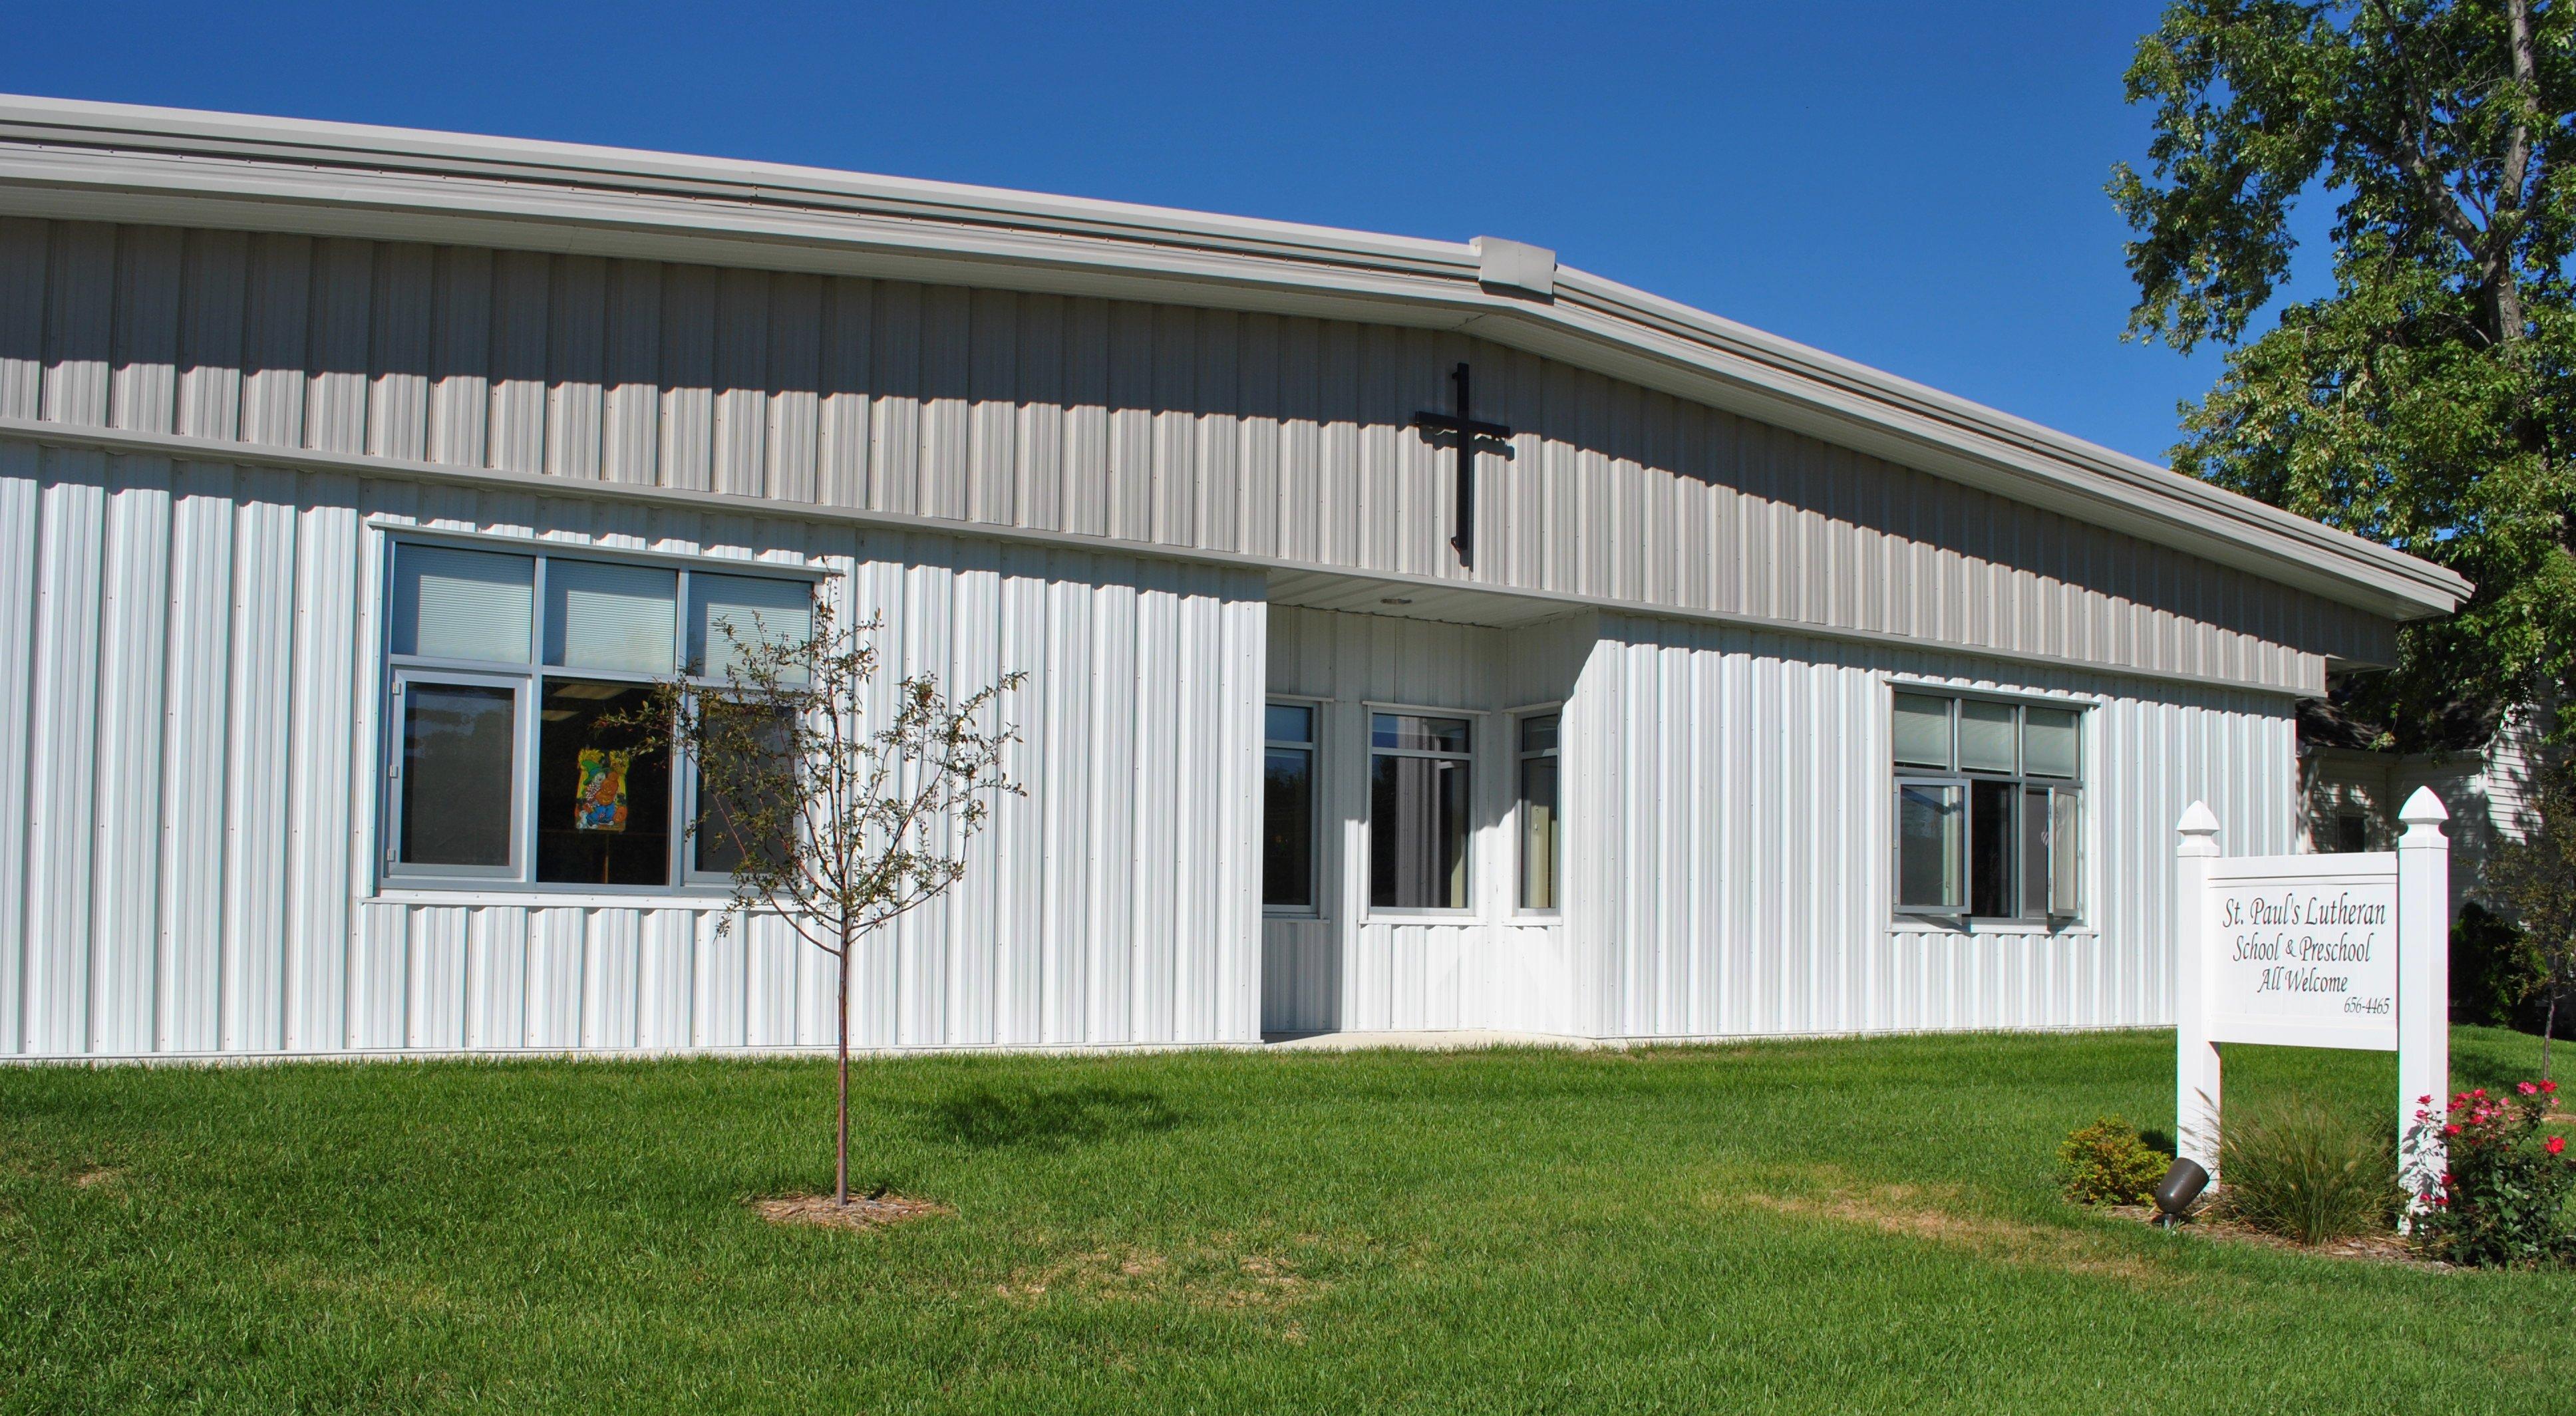 St. Paul Lutheran School – Plymouth Nebraska